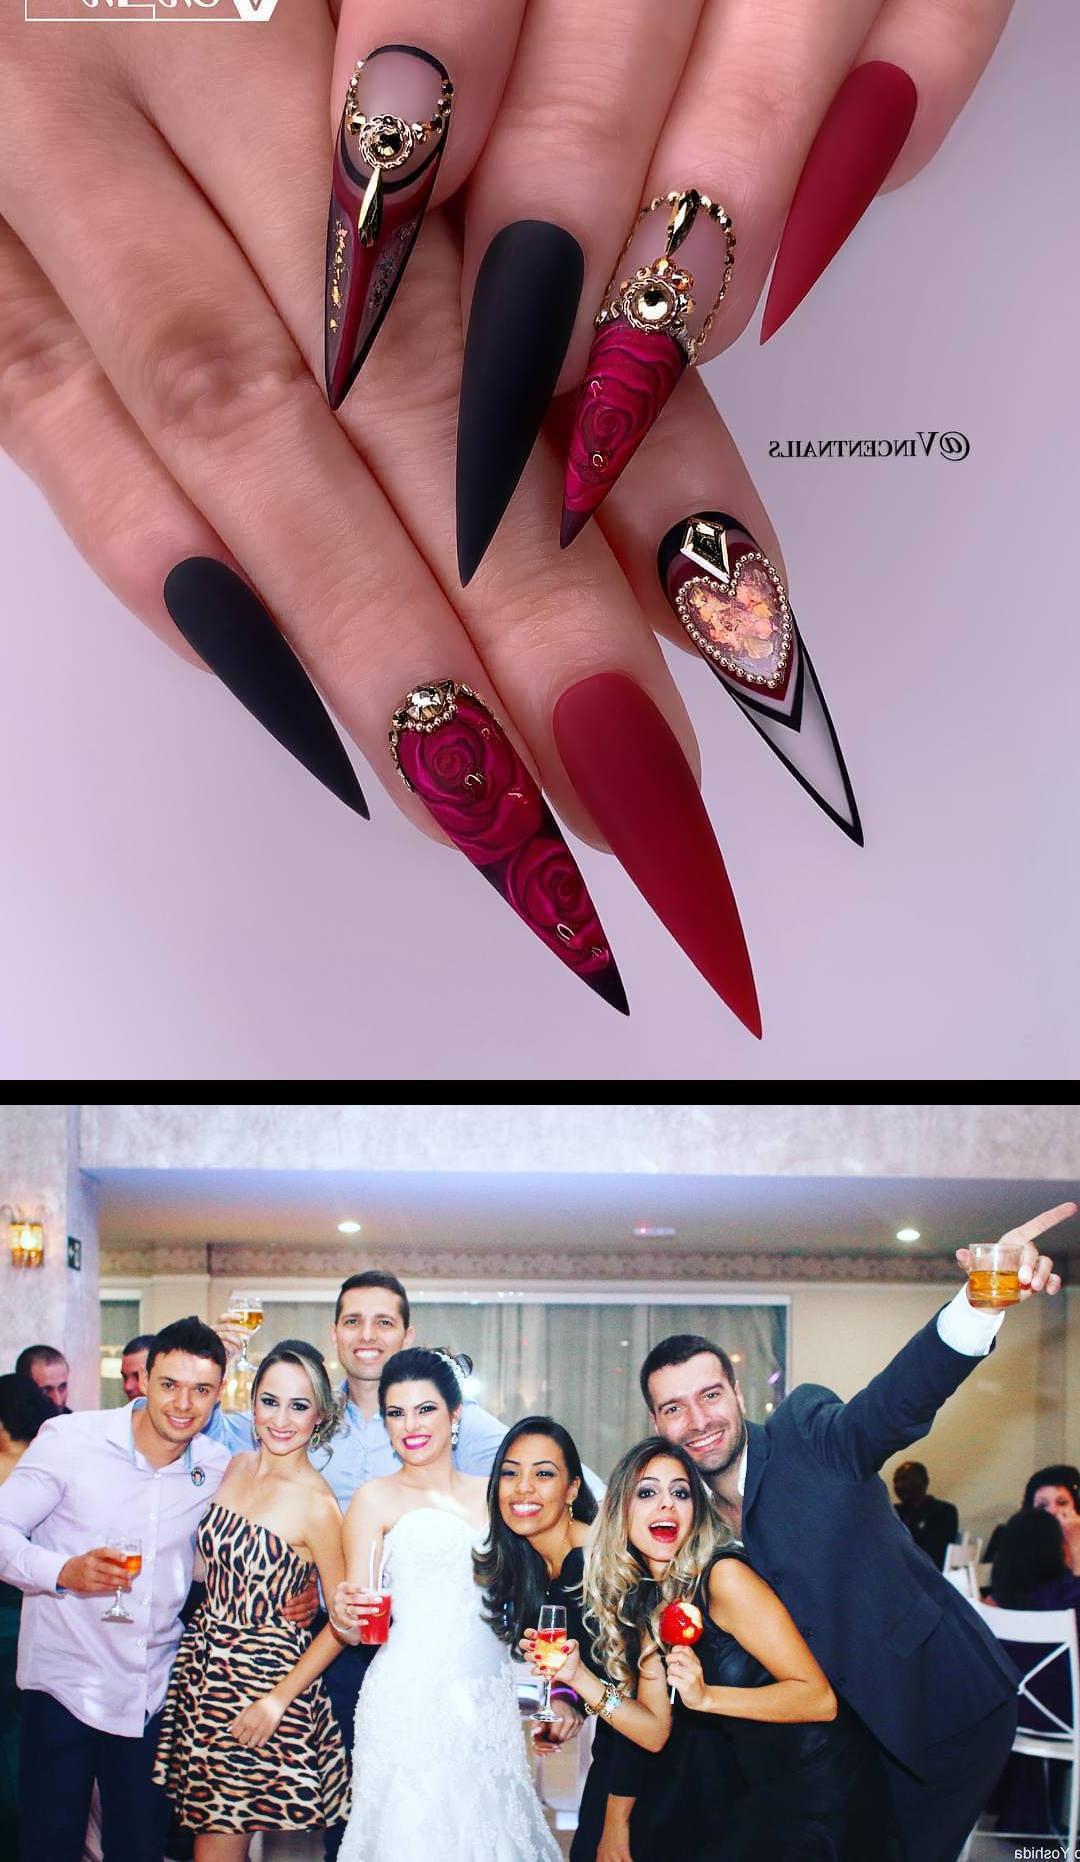 thanksgiving nails,holographic nail polish,Stunning Nailsnailsviibes  Credit vincentnails . . . . , hudabeauty , vegas_nay , nails, nailitdaily , naildesign , nailsofinstagram , nail , nailsoftheday  , nailstagram , nailfashion , nailsonfleek , nailfeature , nailpromote , nailblogger , nailitmag , nailjunkie , nailfie , pinknails , u, nailsupplies , nailpolish , nicenails , gelnail , nailglitter , nailgel , nailsdid  , nailartist , naildid , manicure , prettynails  Porque bons momentos devem ser lembrados! , CasamentoCaePe